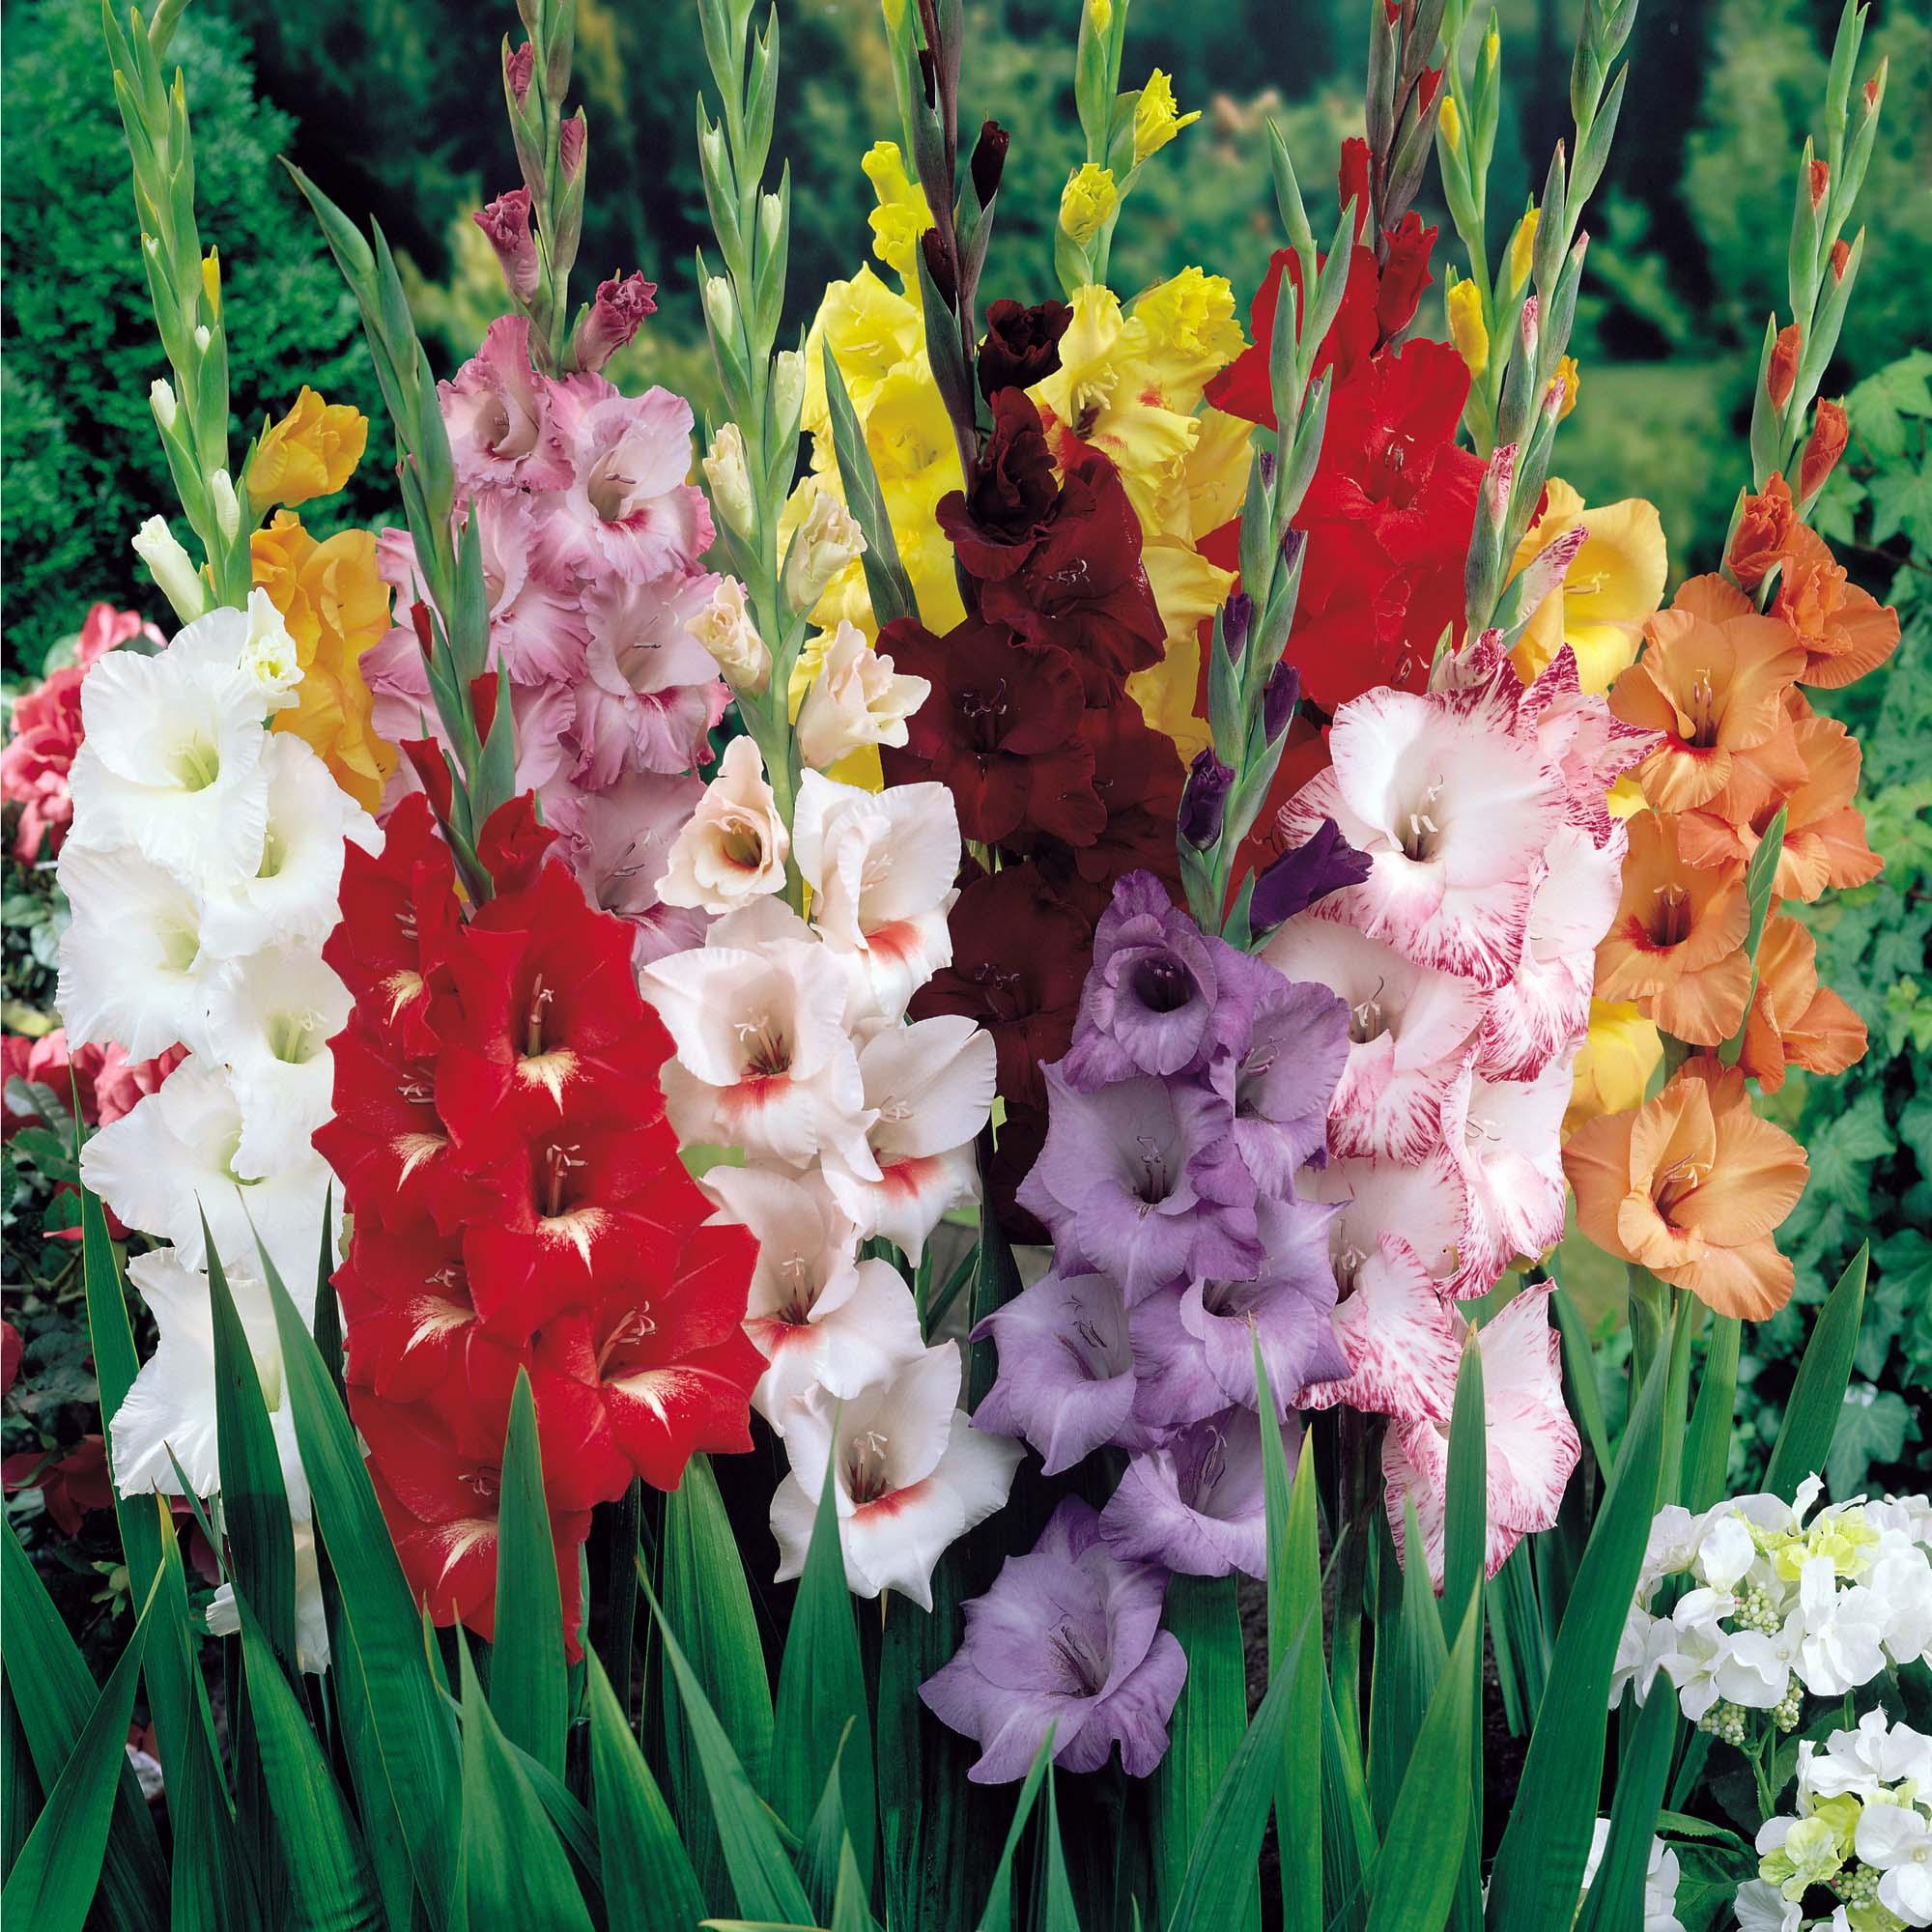 Как получить семена гладиолуса и можно ли вырастить цветы из семян 402